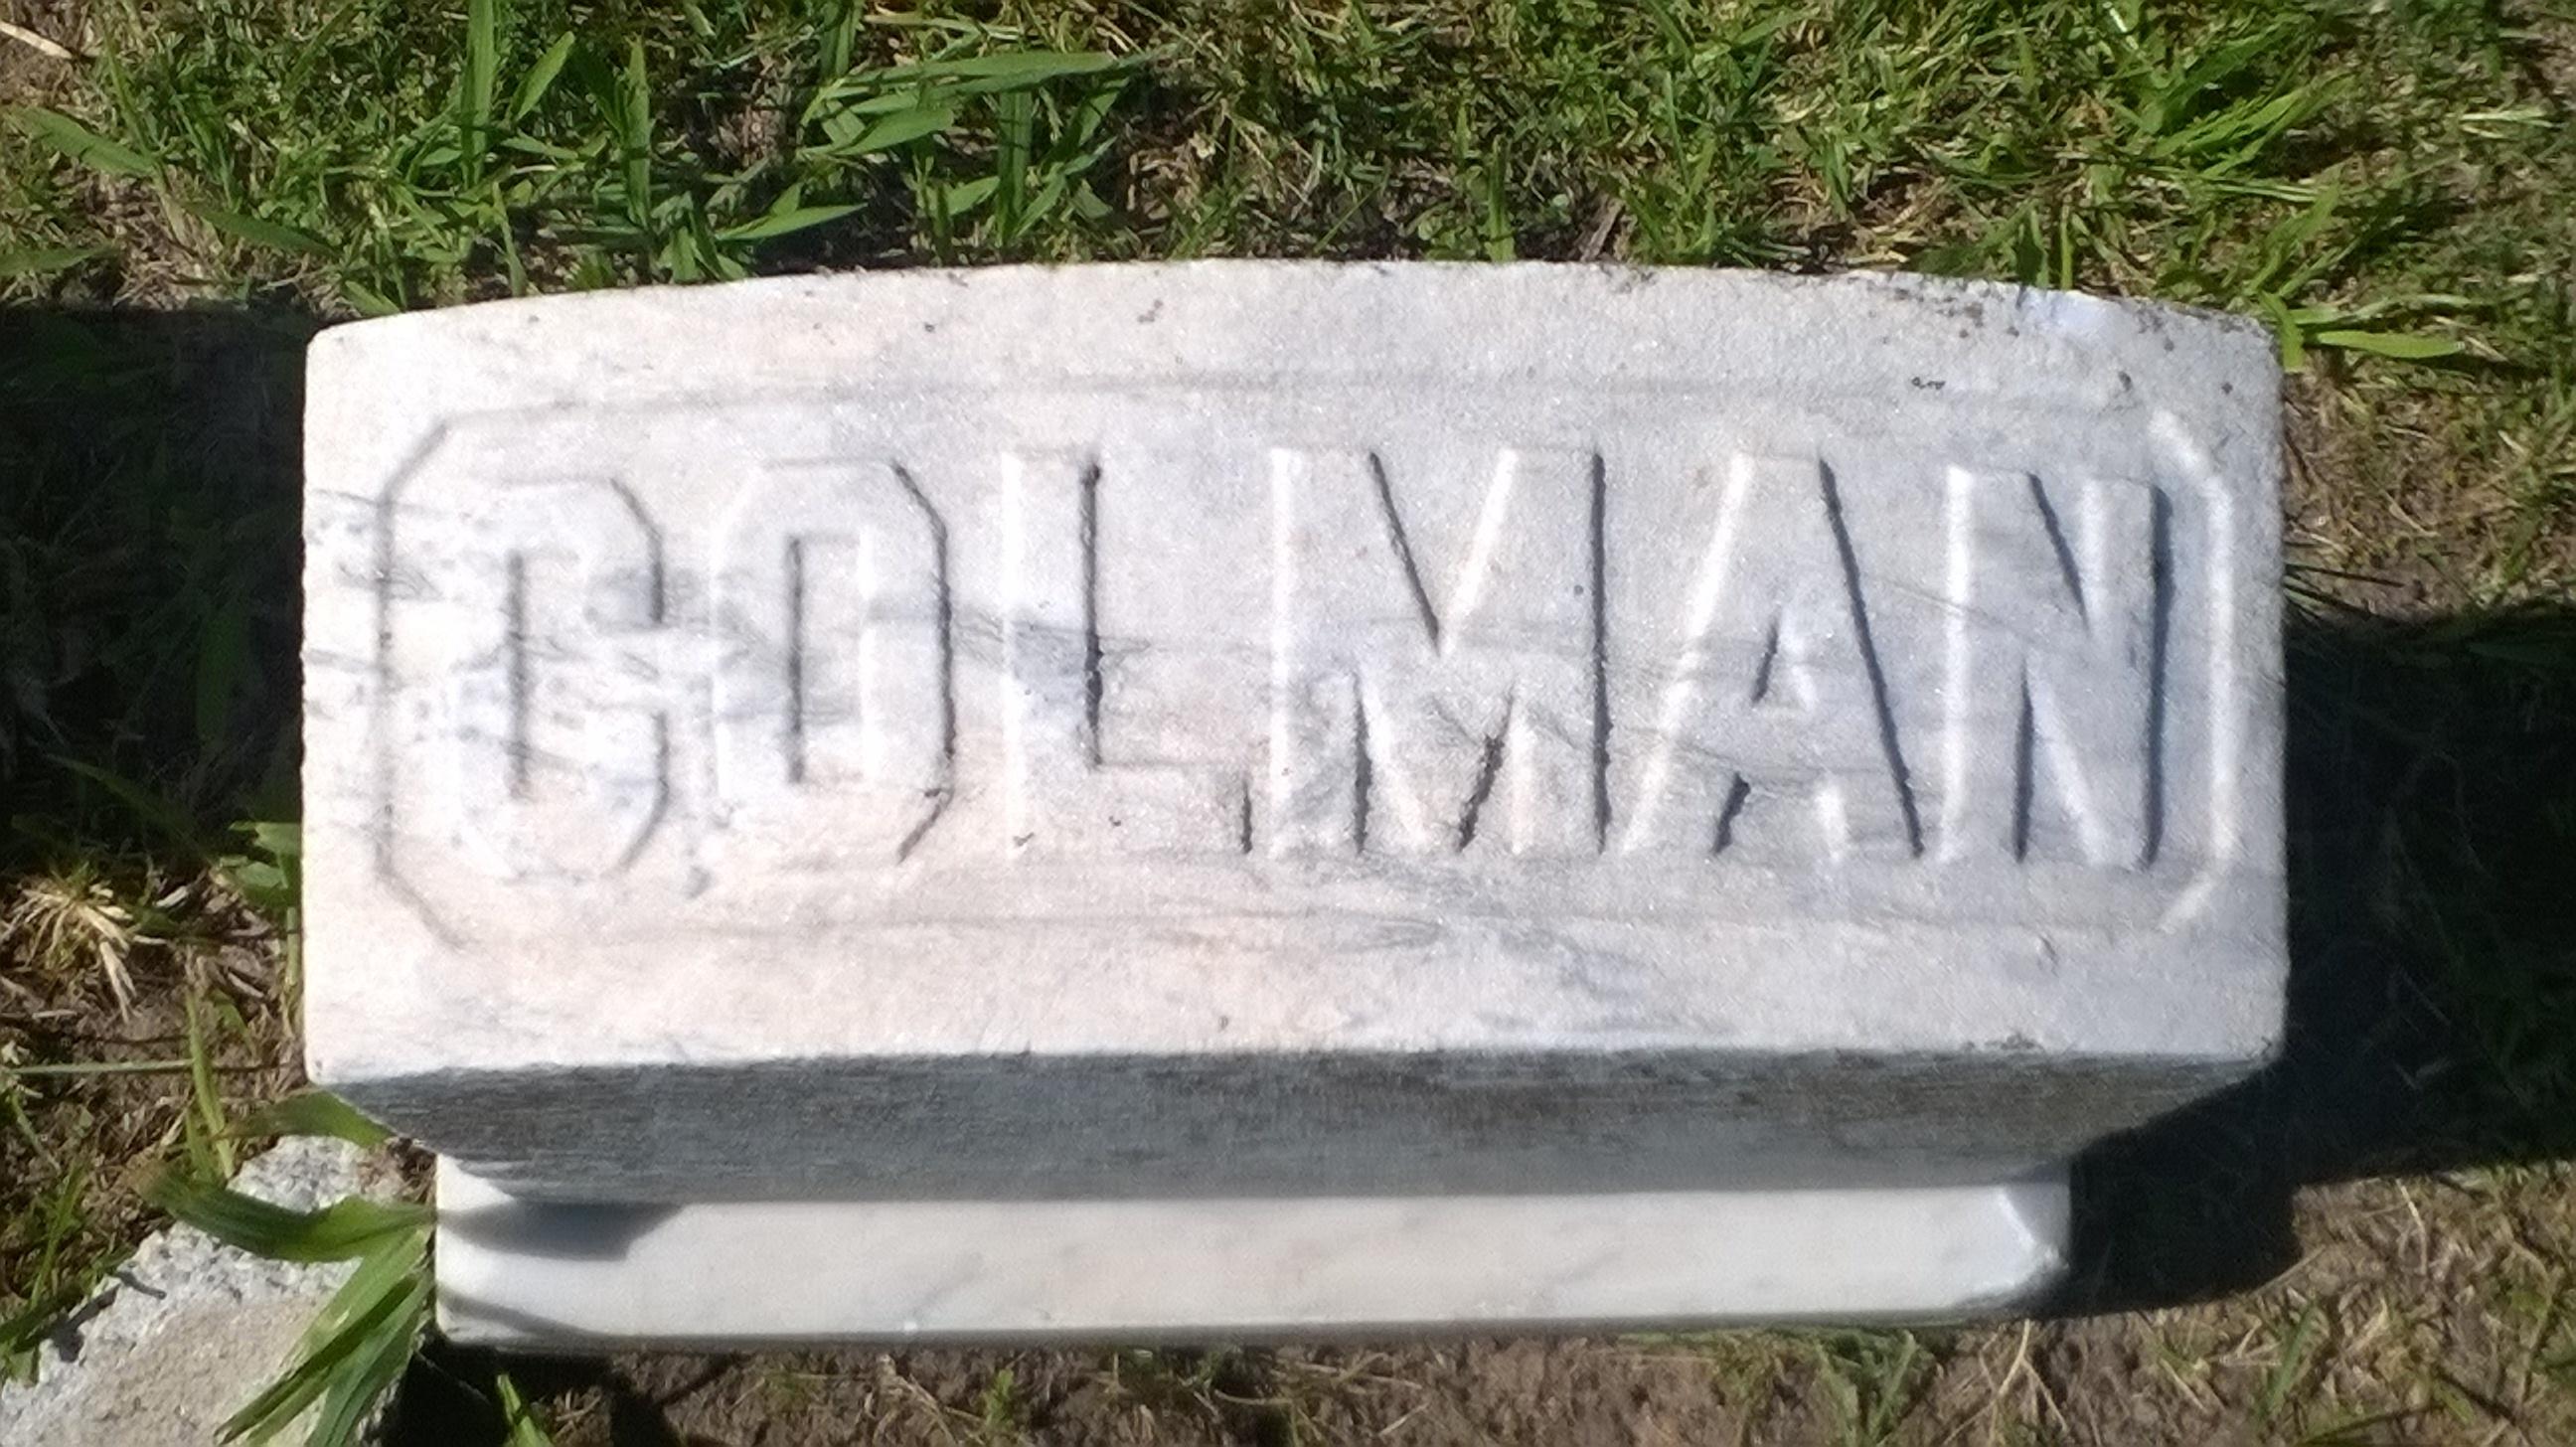 Colman Schwartz